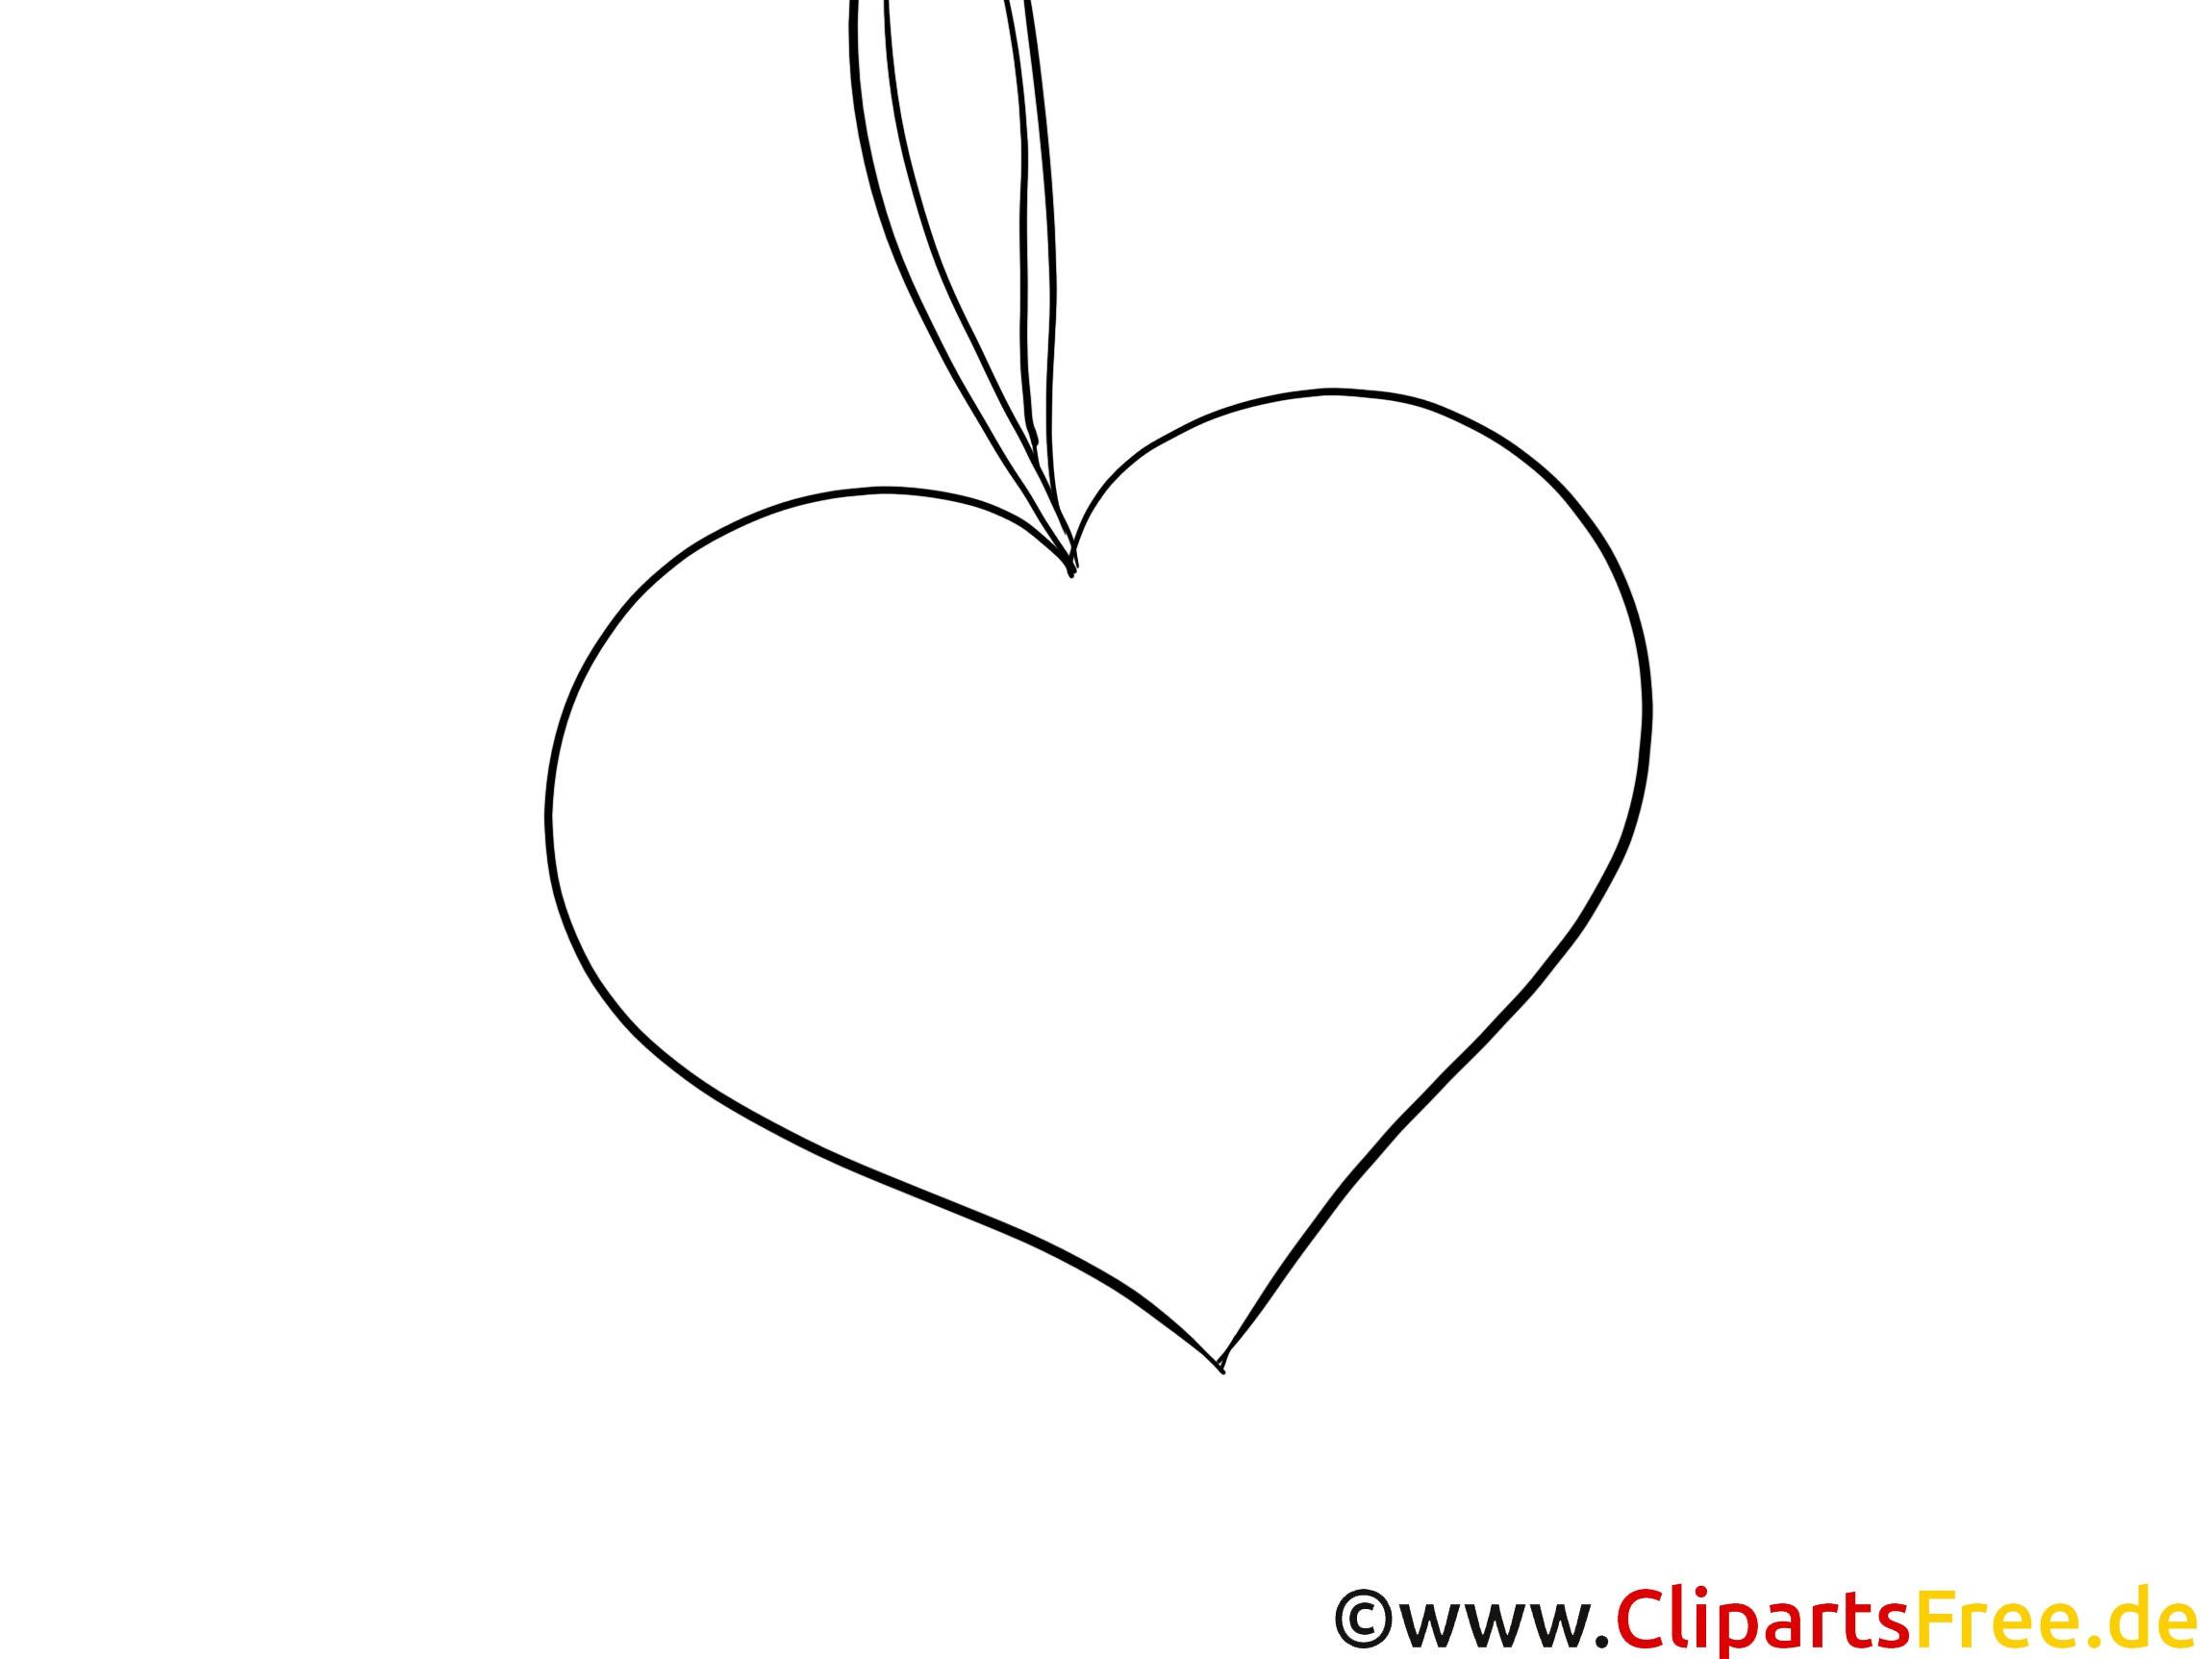 Herz Zum Ausmalen Einzigartig Valentinstag Malvorlagen Frisch Bienchen Mit Herz Bilder Zum Frisch Bilder